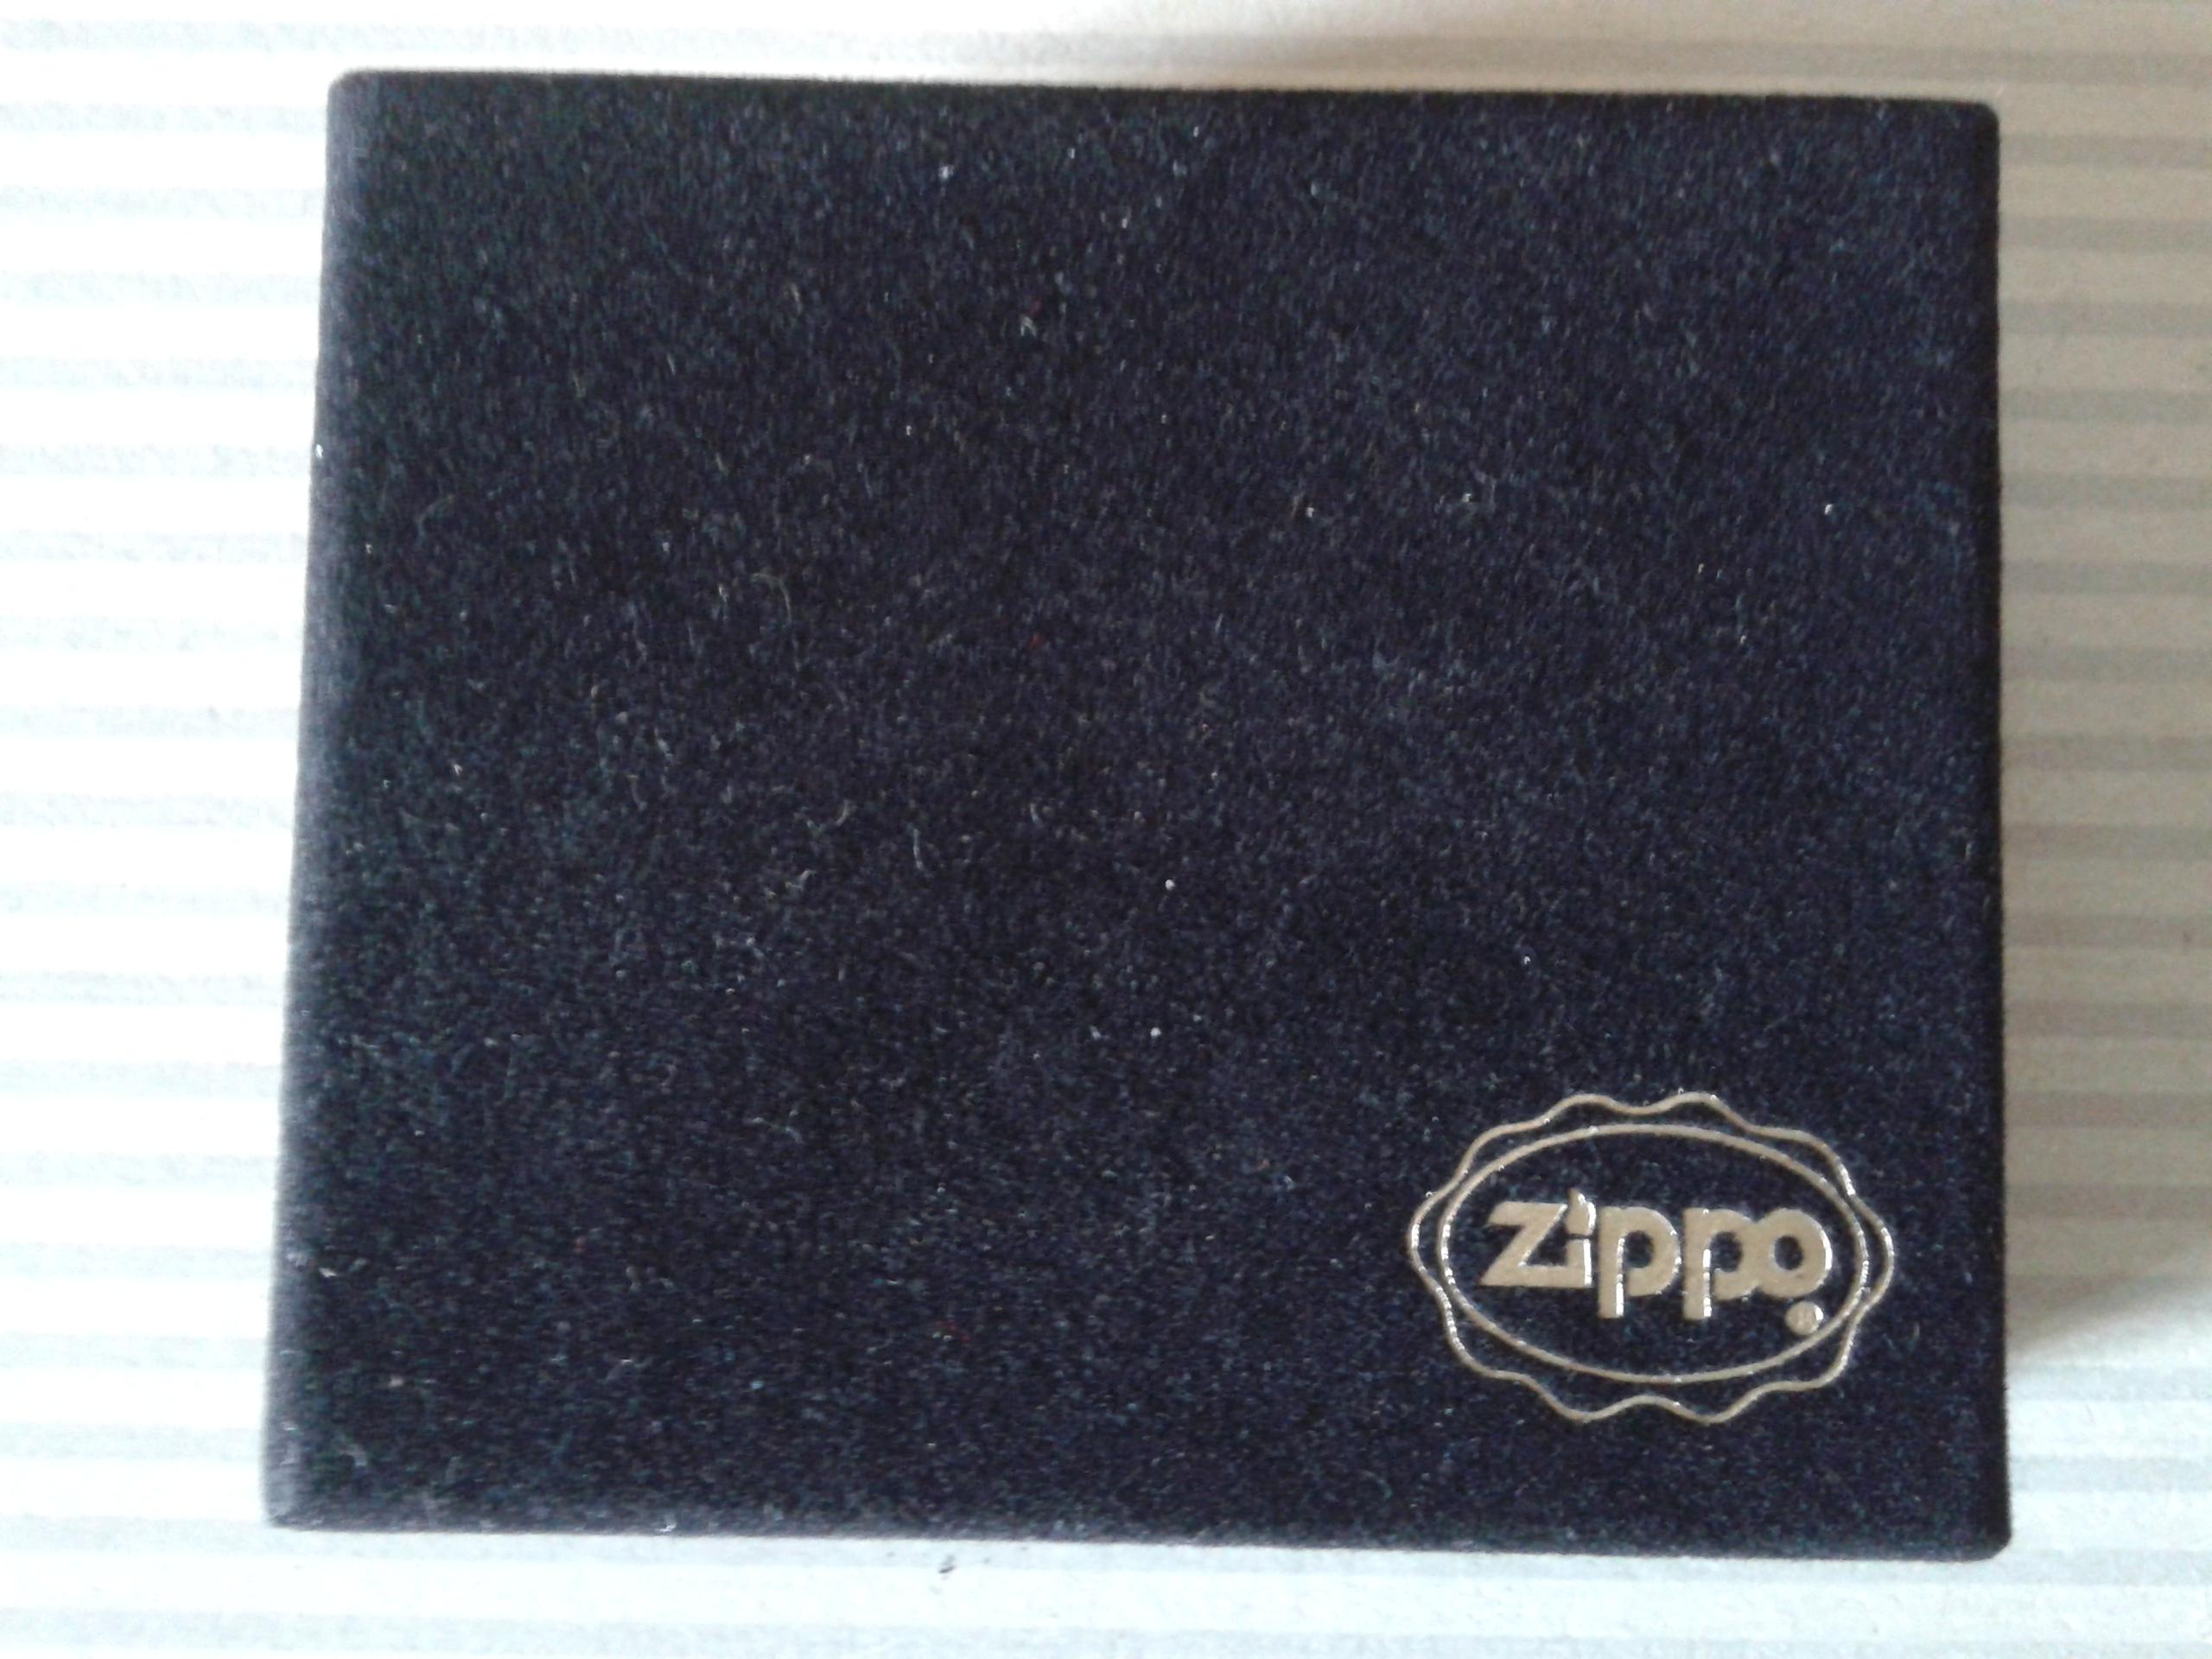 Les boites Zippo au fil du temps - Page 2 17557320170727130645